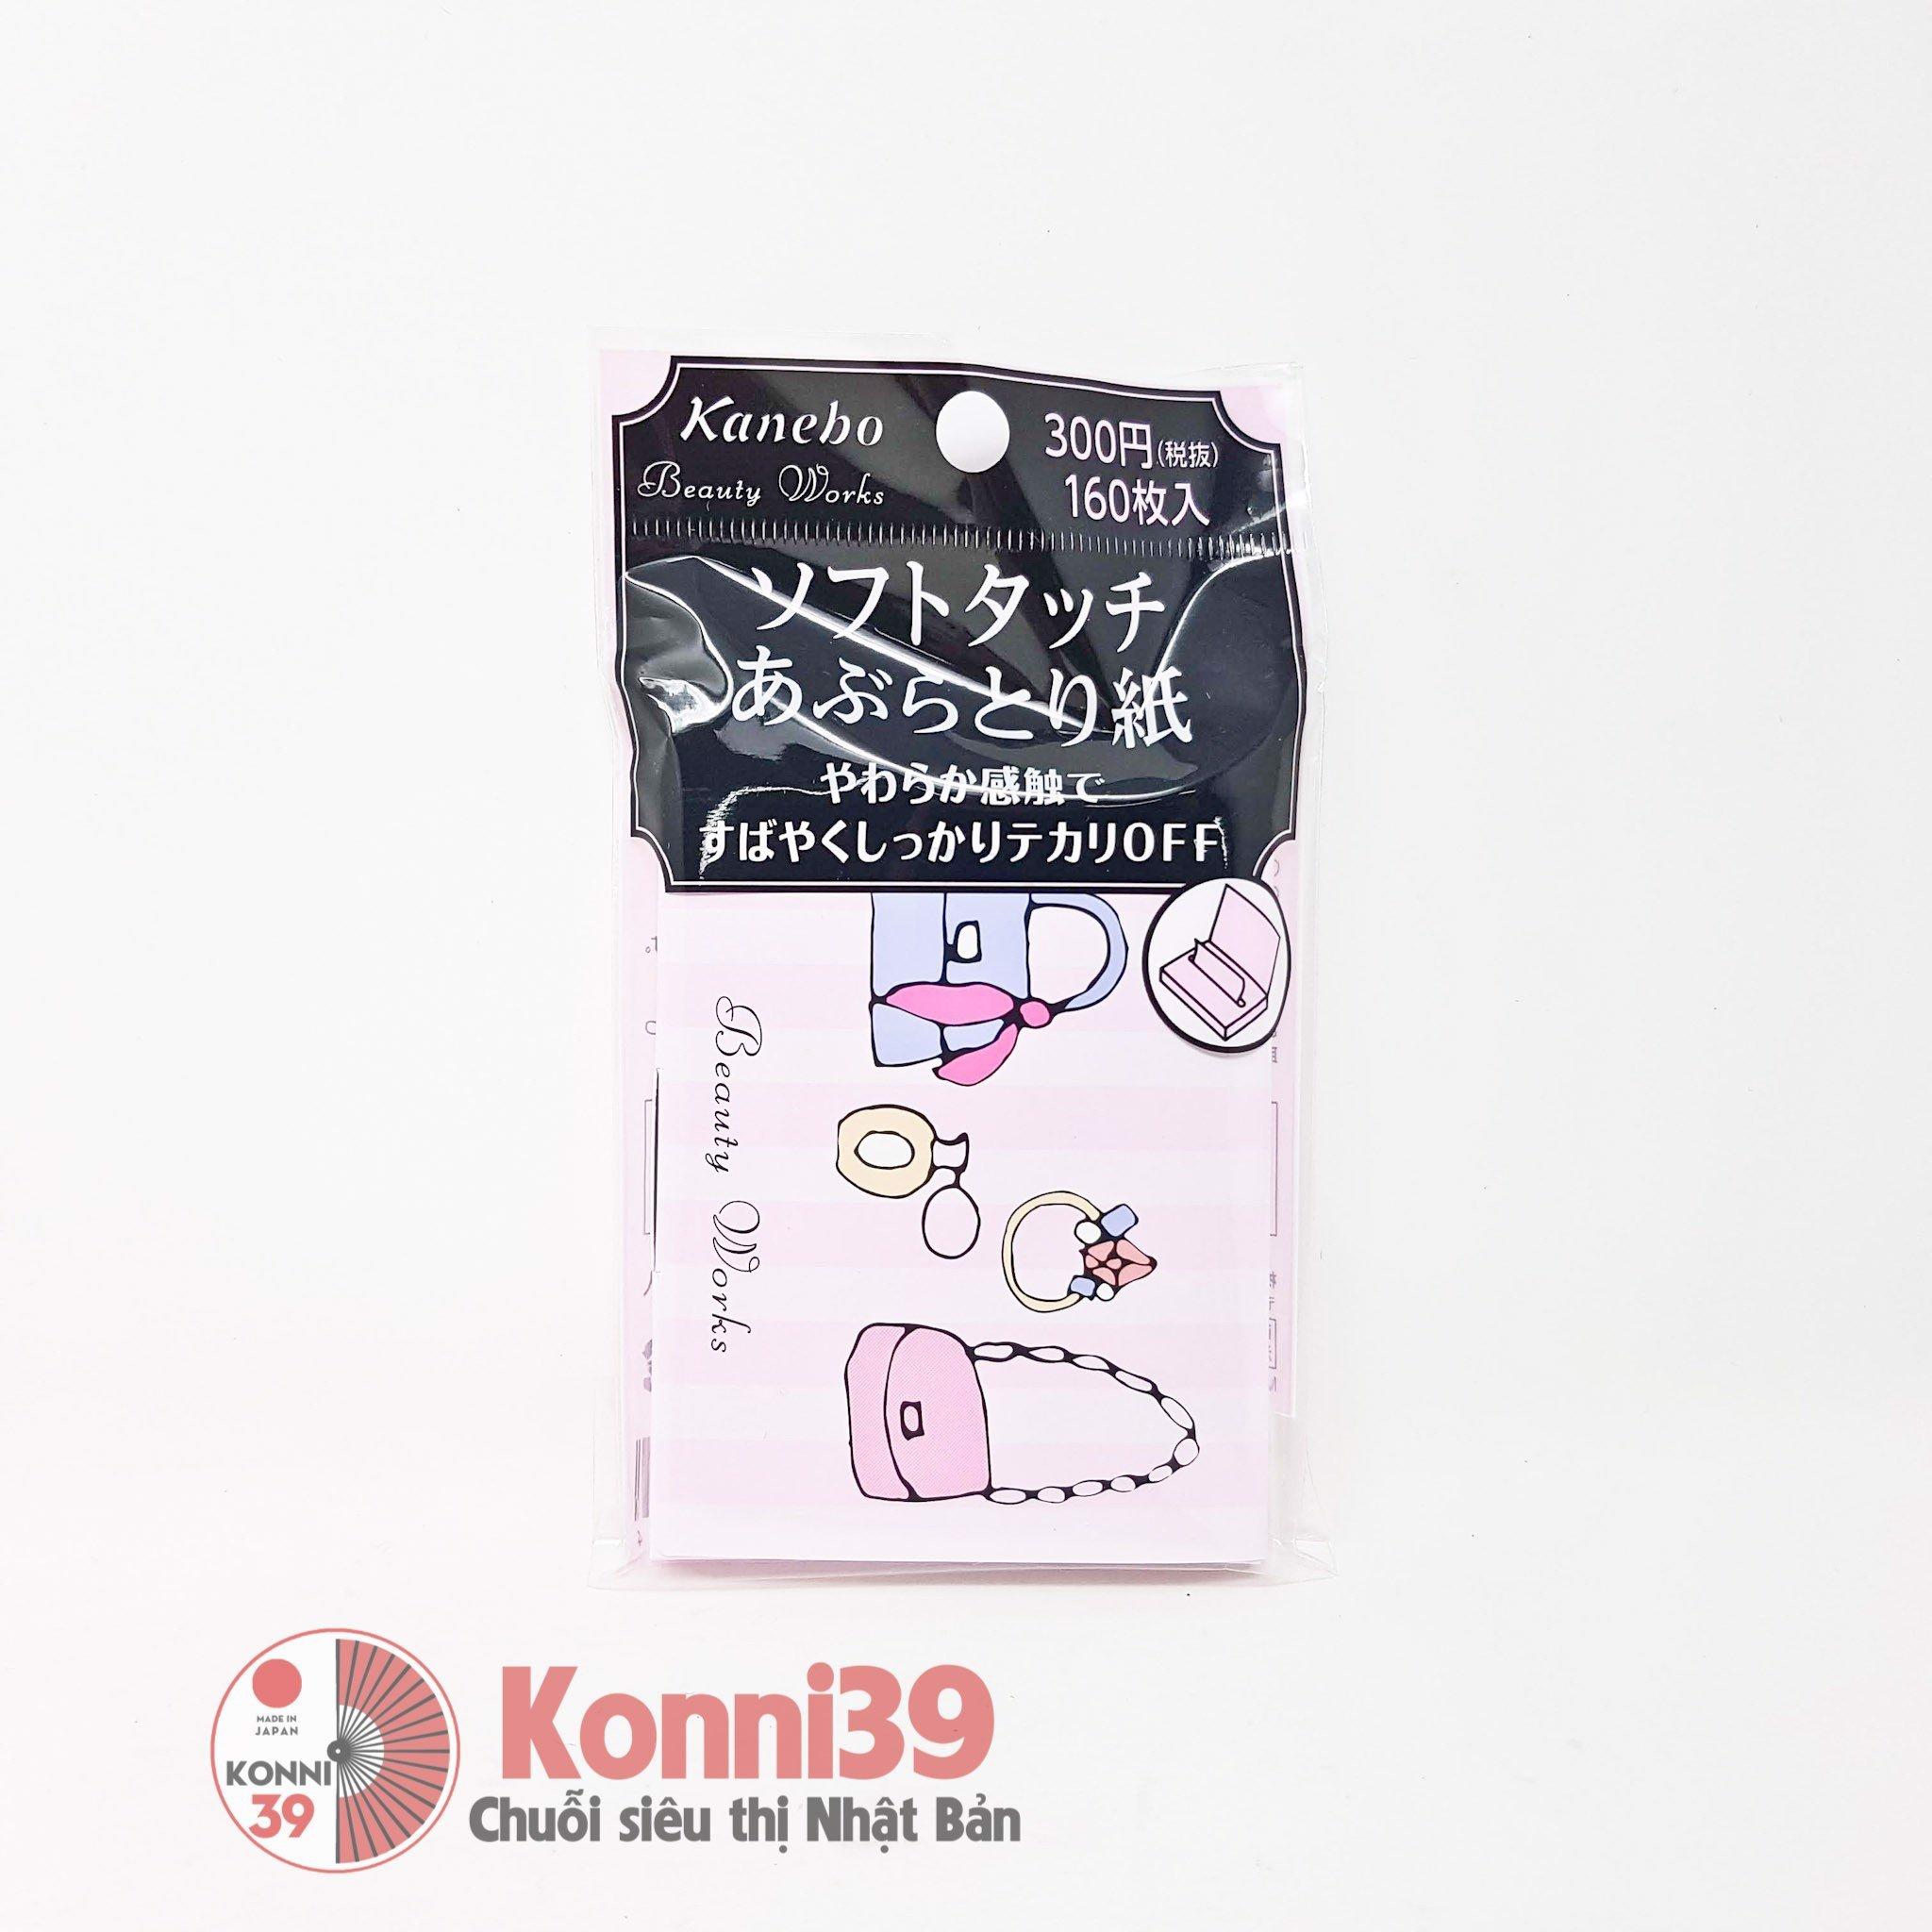 Giấy thấm dầu Kanebo Beauty Works 160 tờ